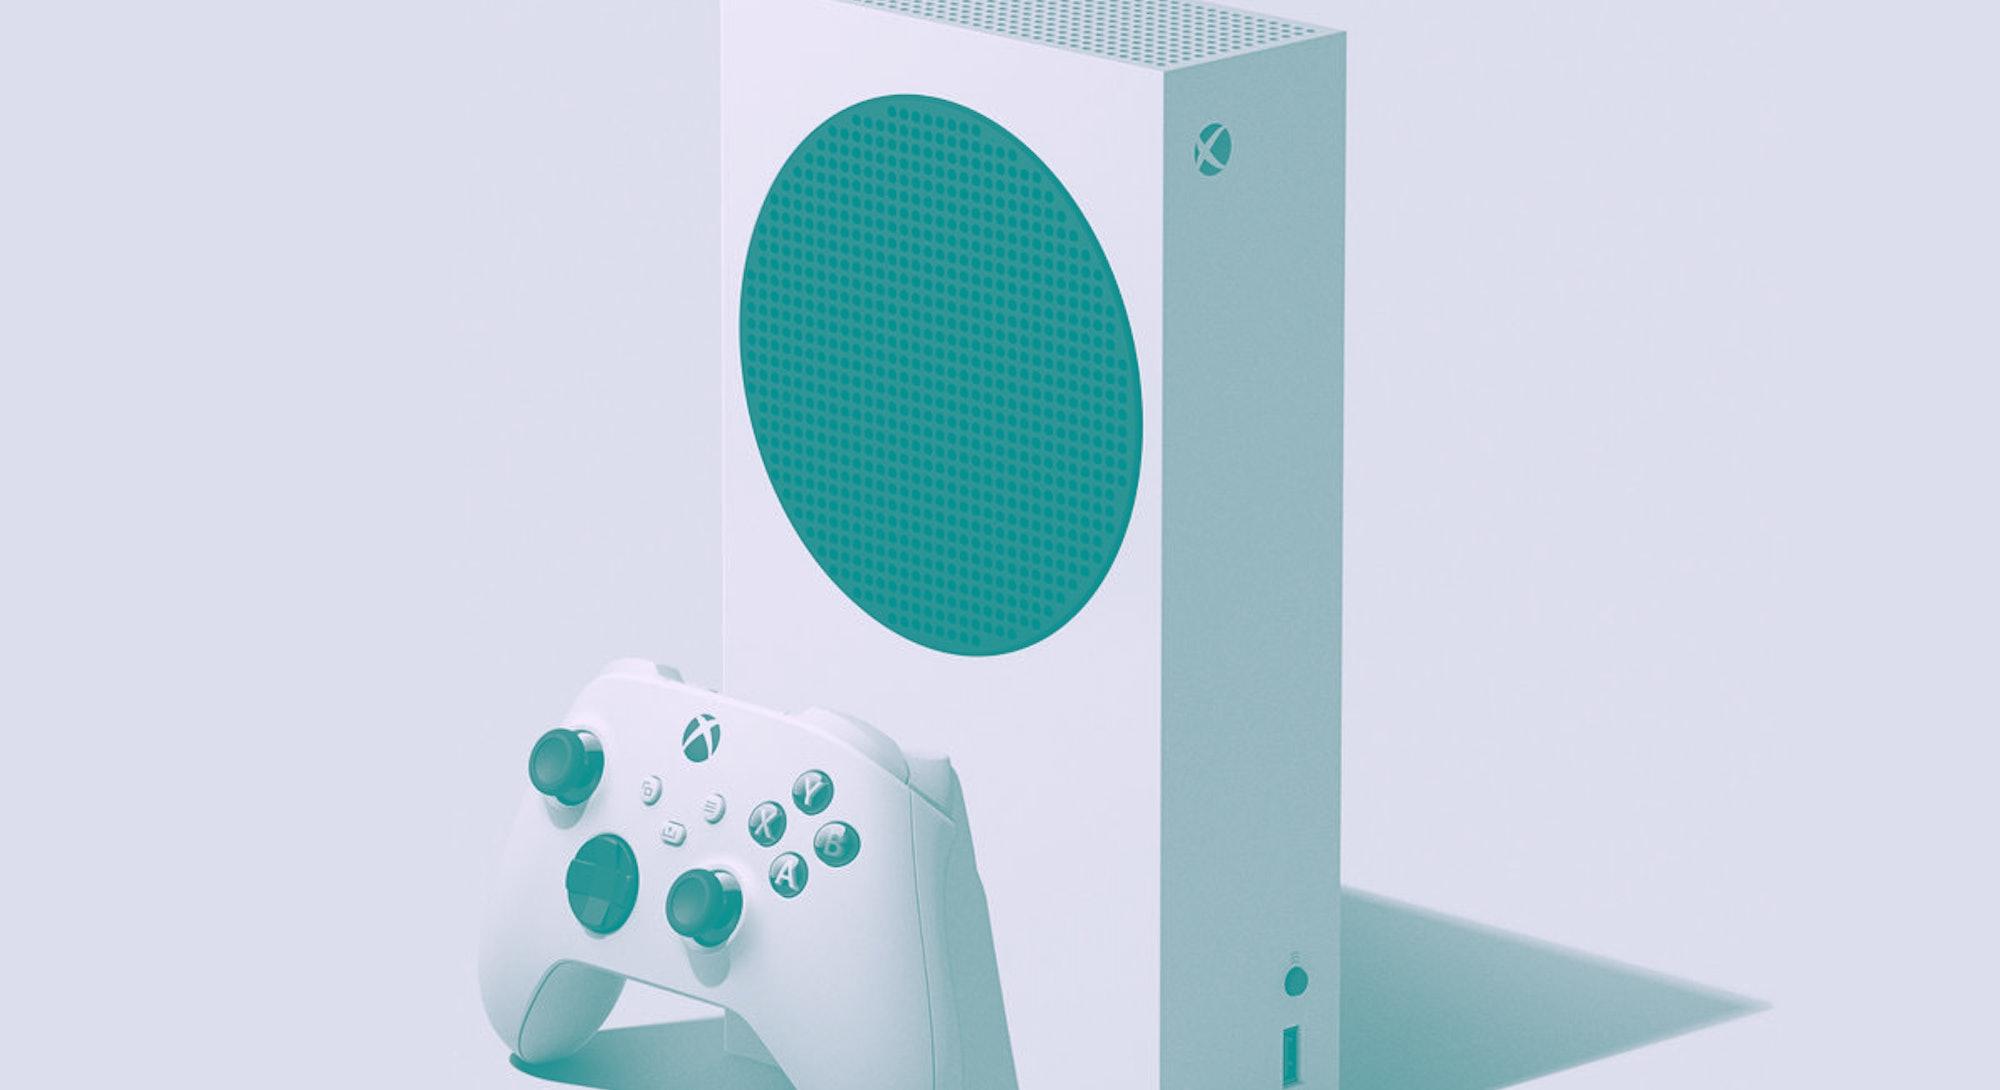 The Xbox Series S